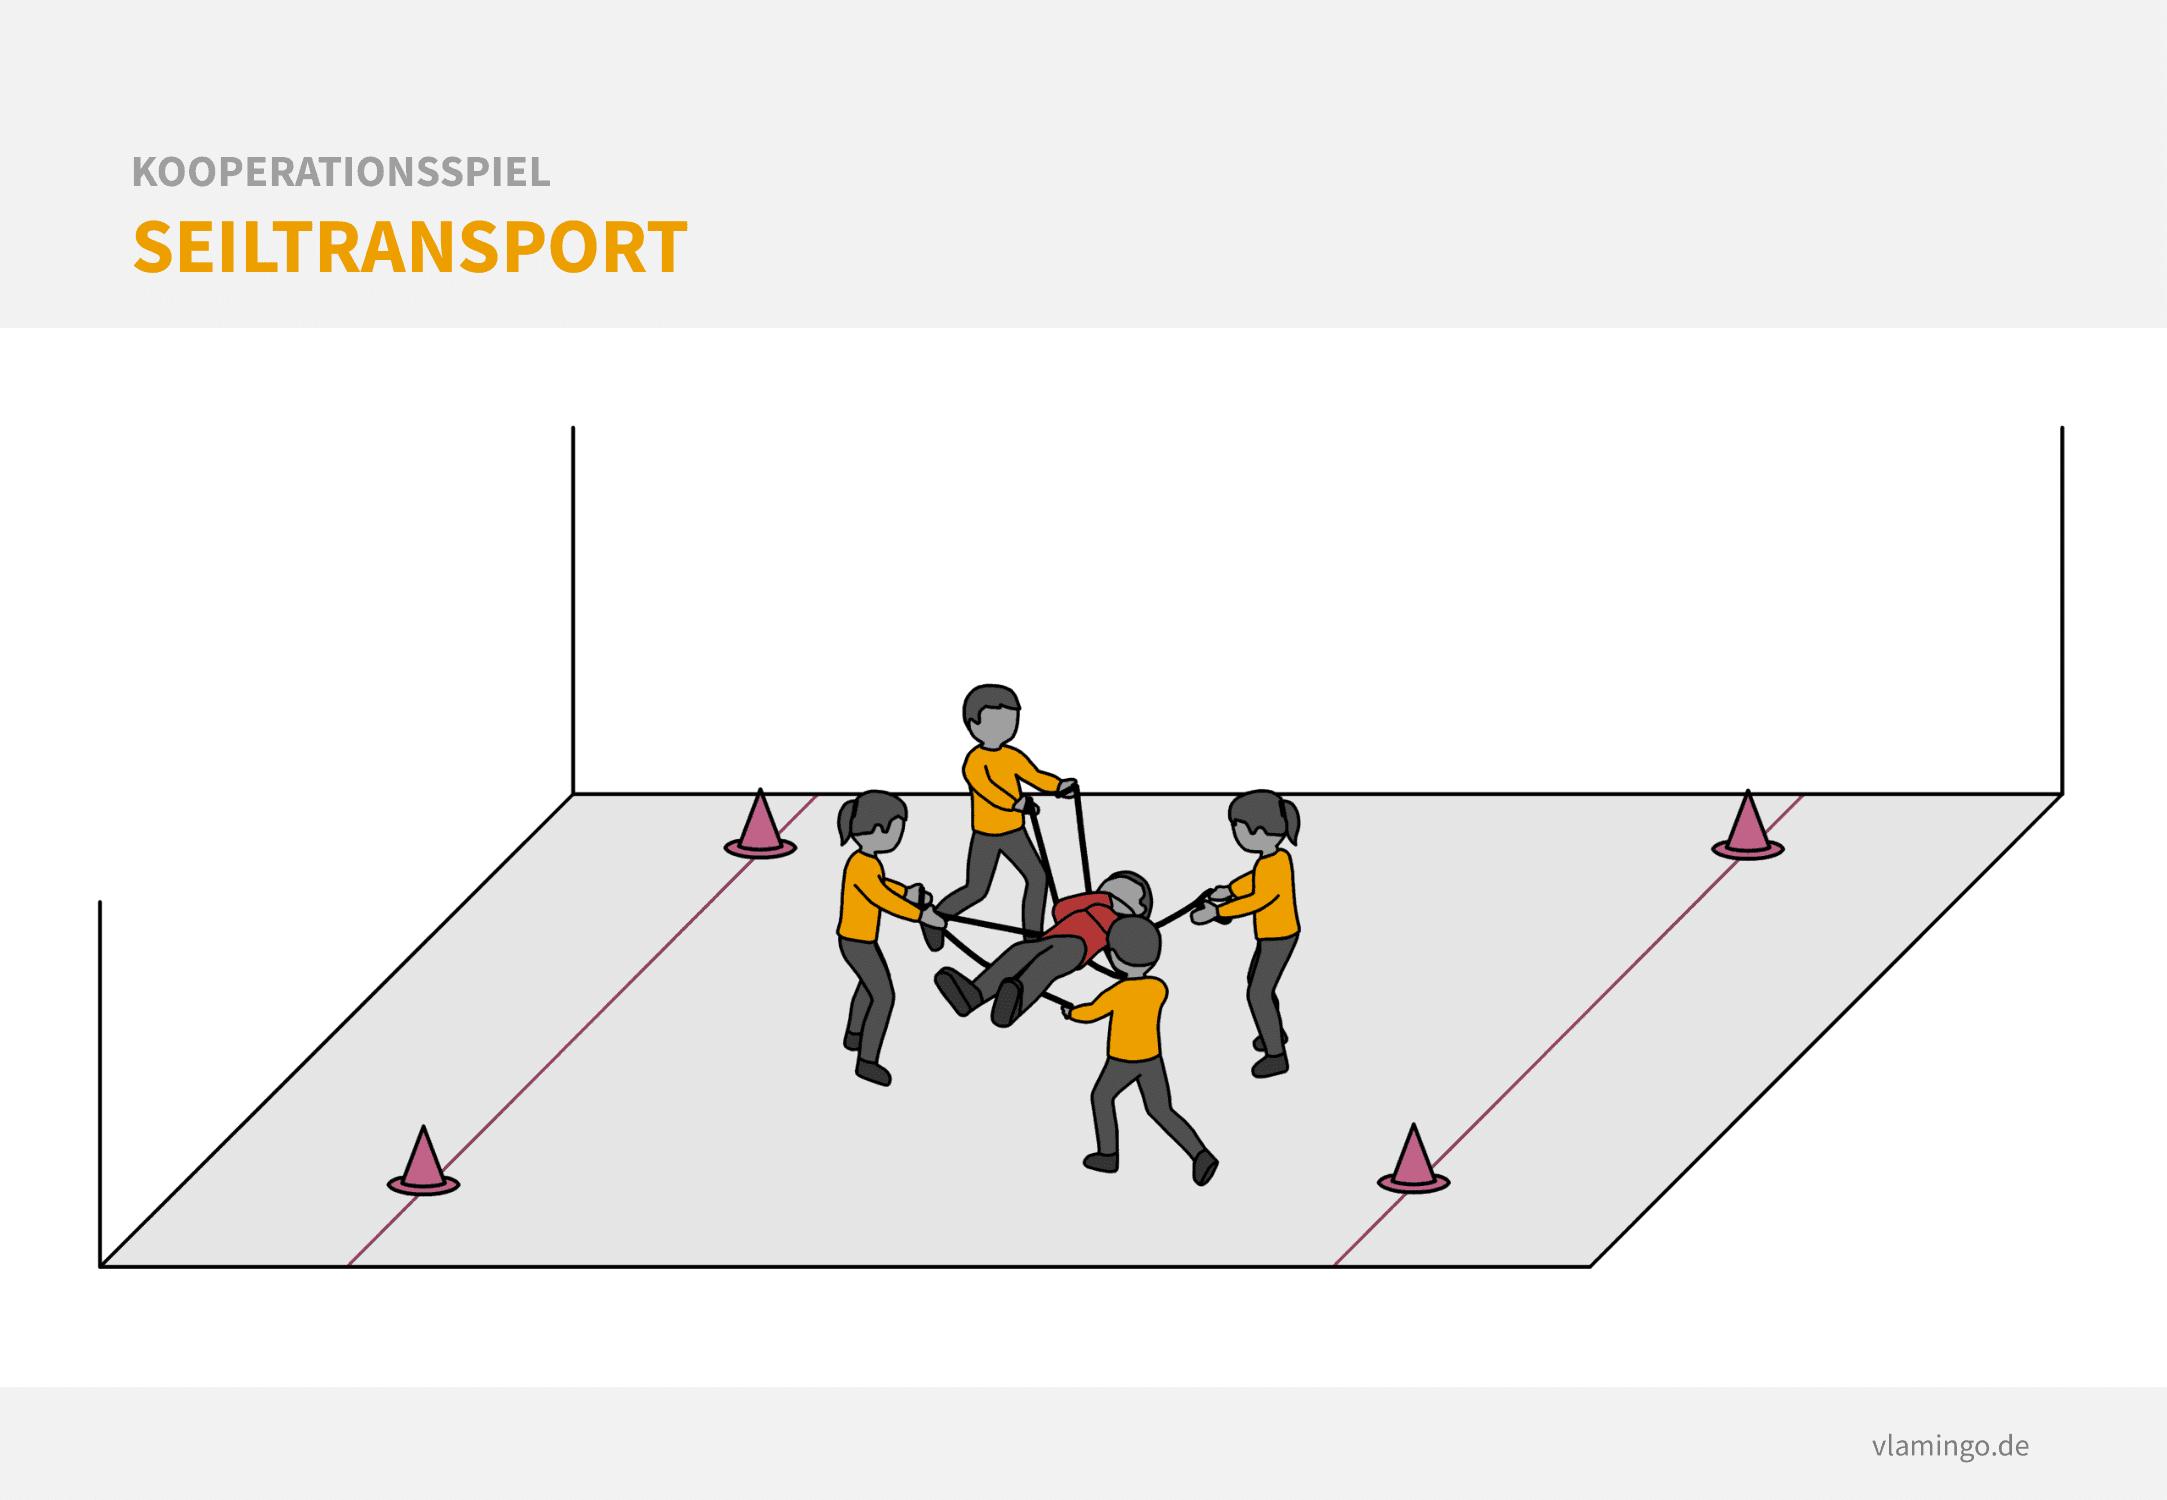 Gruppenspiel: Seiltransport